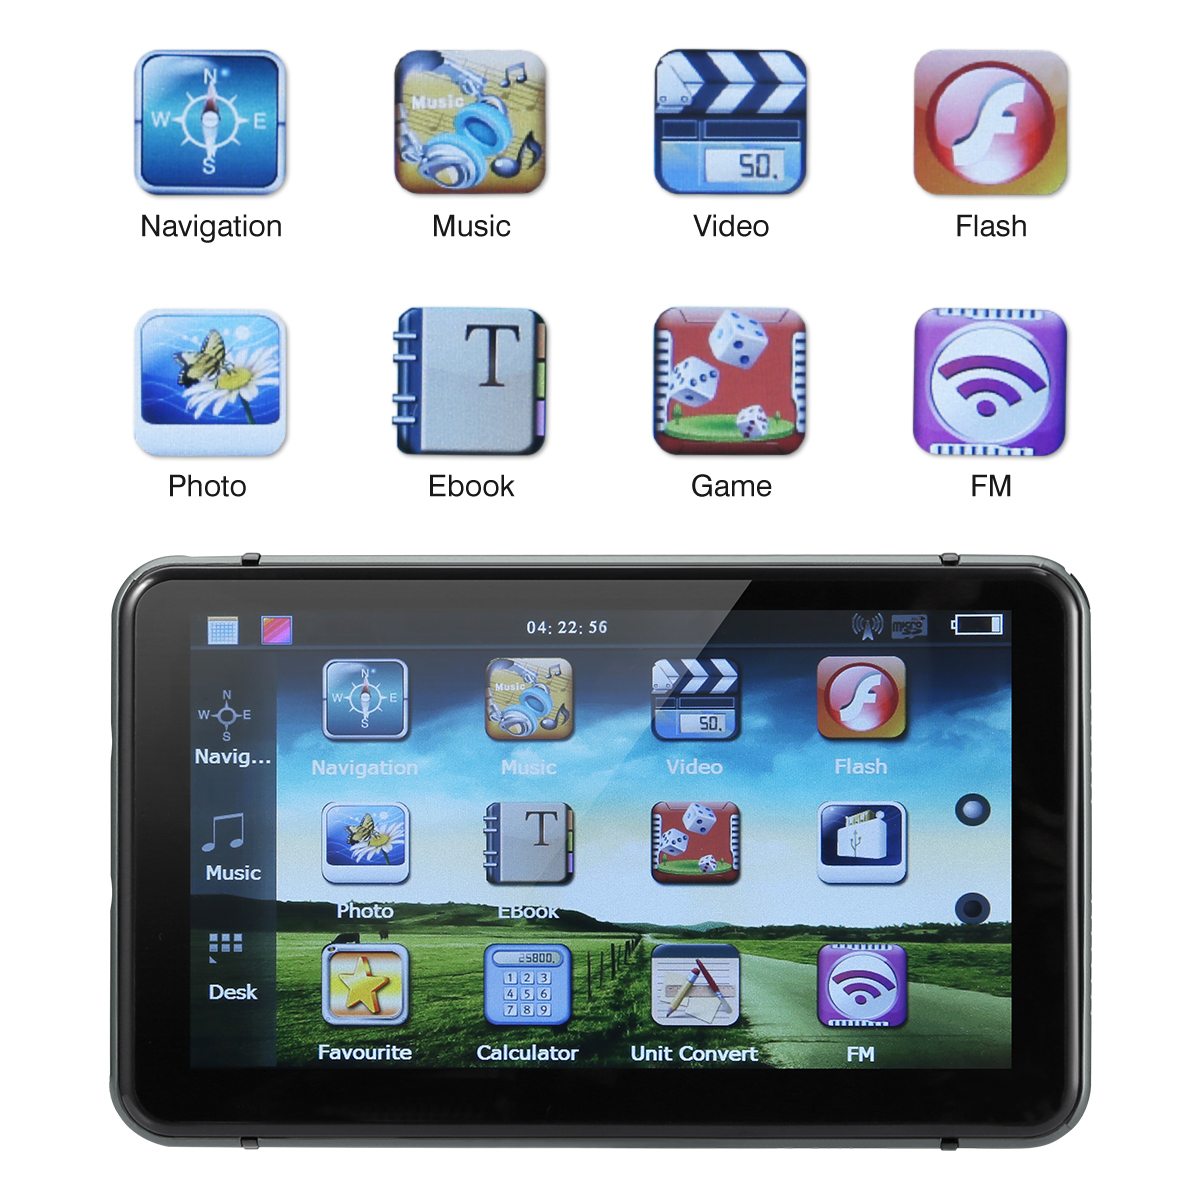 7 дюймов HD Автомобильный gps навигатор FM радио музыка видео MP3 Авто Голосовое руководство gps навигаторы для автомобиля грузовик автобус